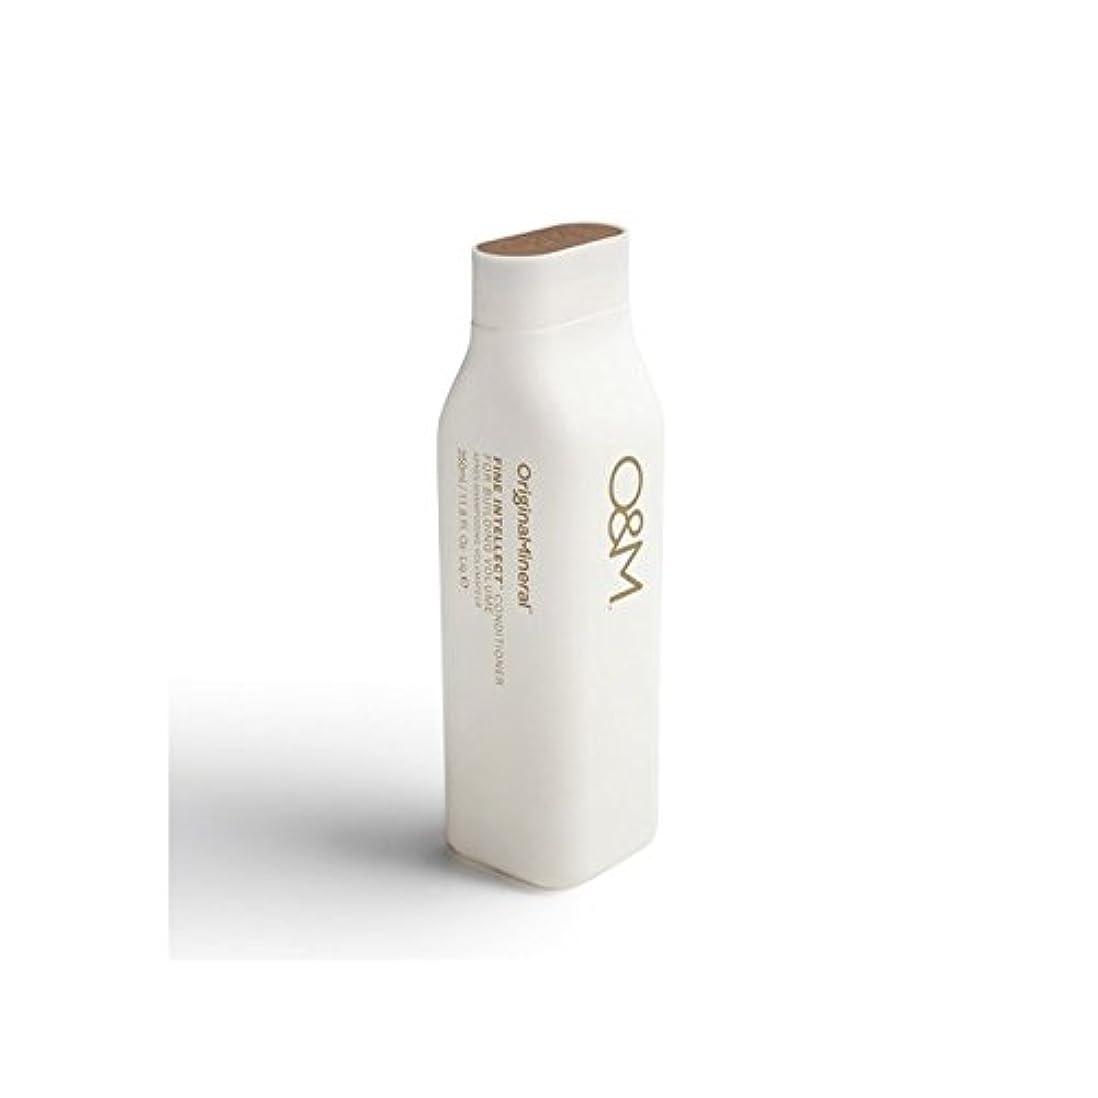 枝配管工ピケオリジナル&ミネラル細かい知性コンディショナー(350ミリリットル) x2 - Original & Mineral Fine Intellect Conditioner (350ml) (Pack of 2) [並行輸入品]